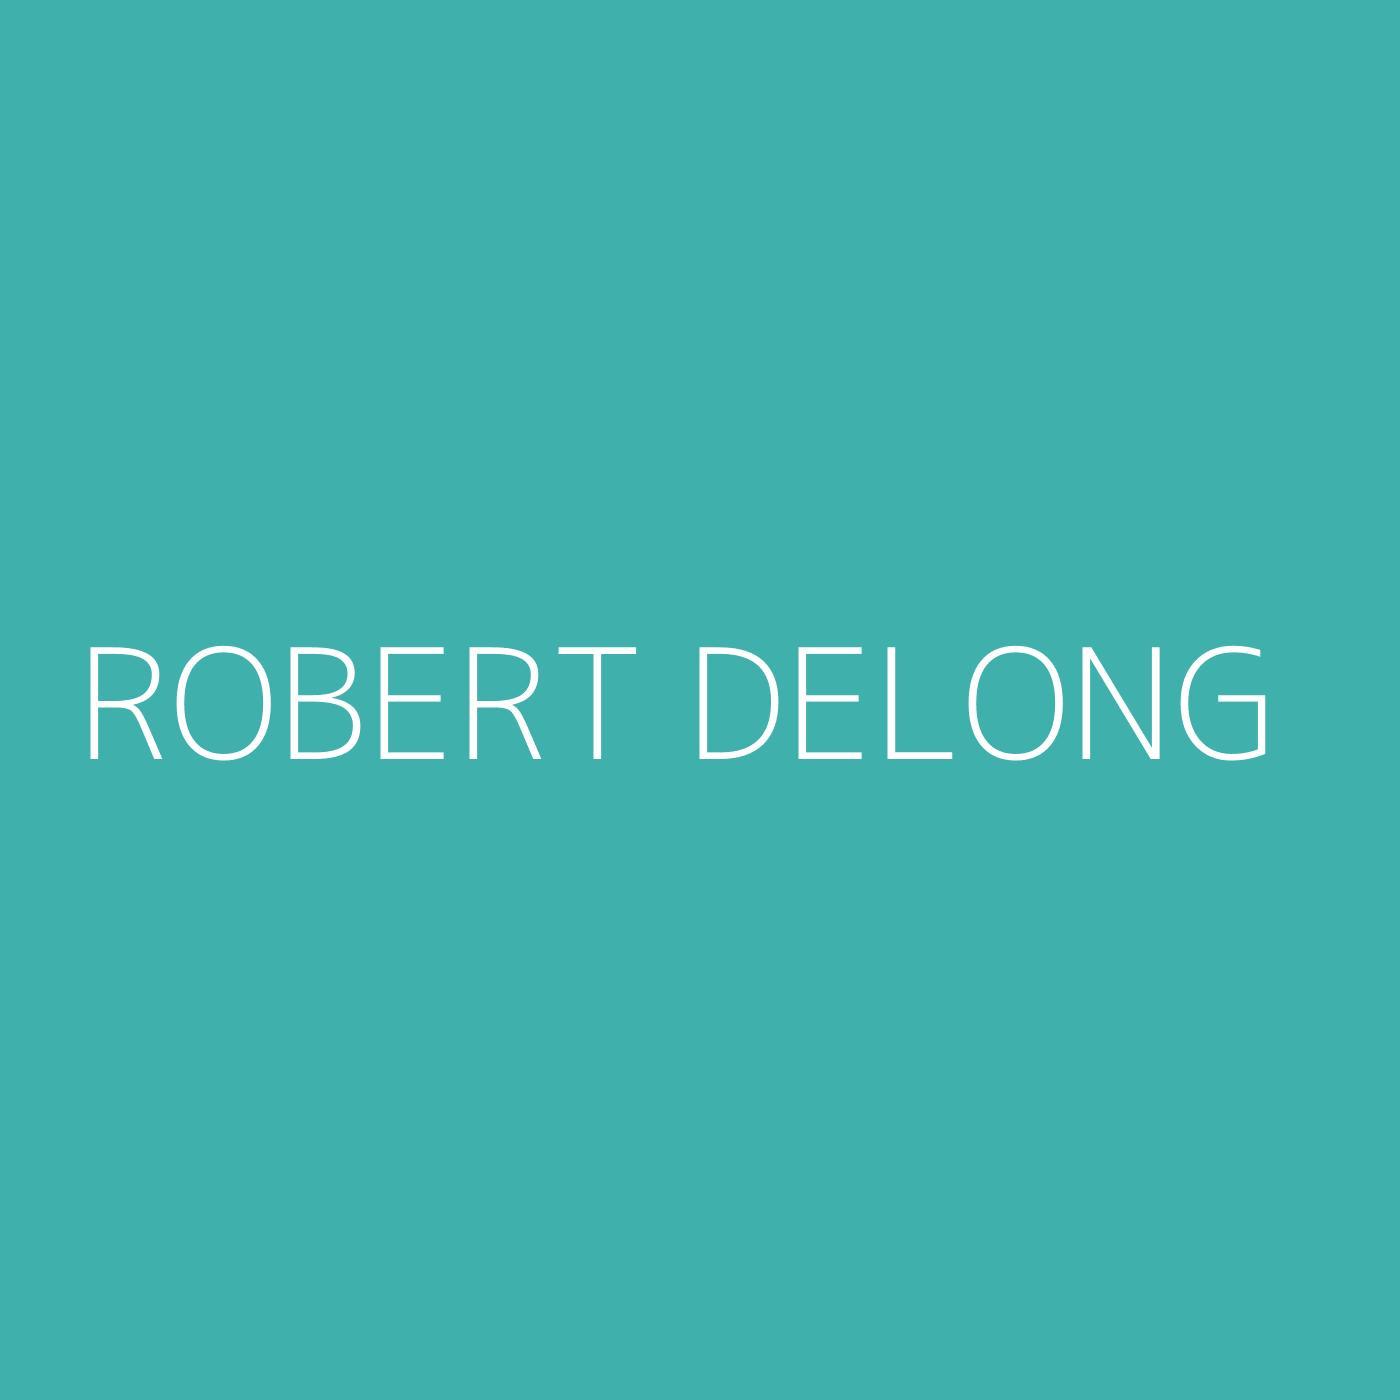 Robert DeLong Playlist Artwork